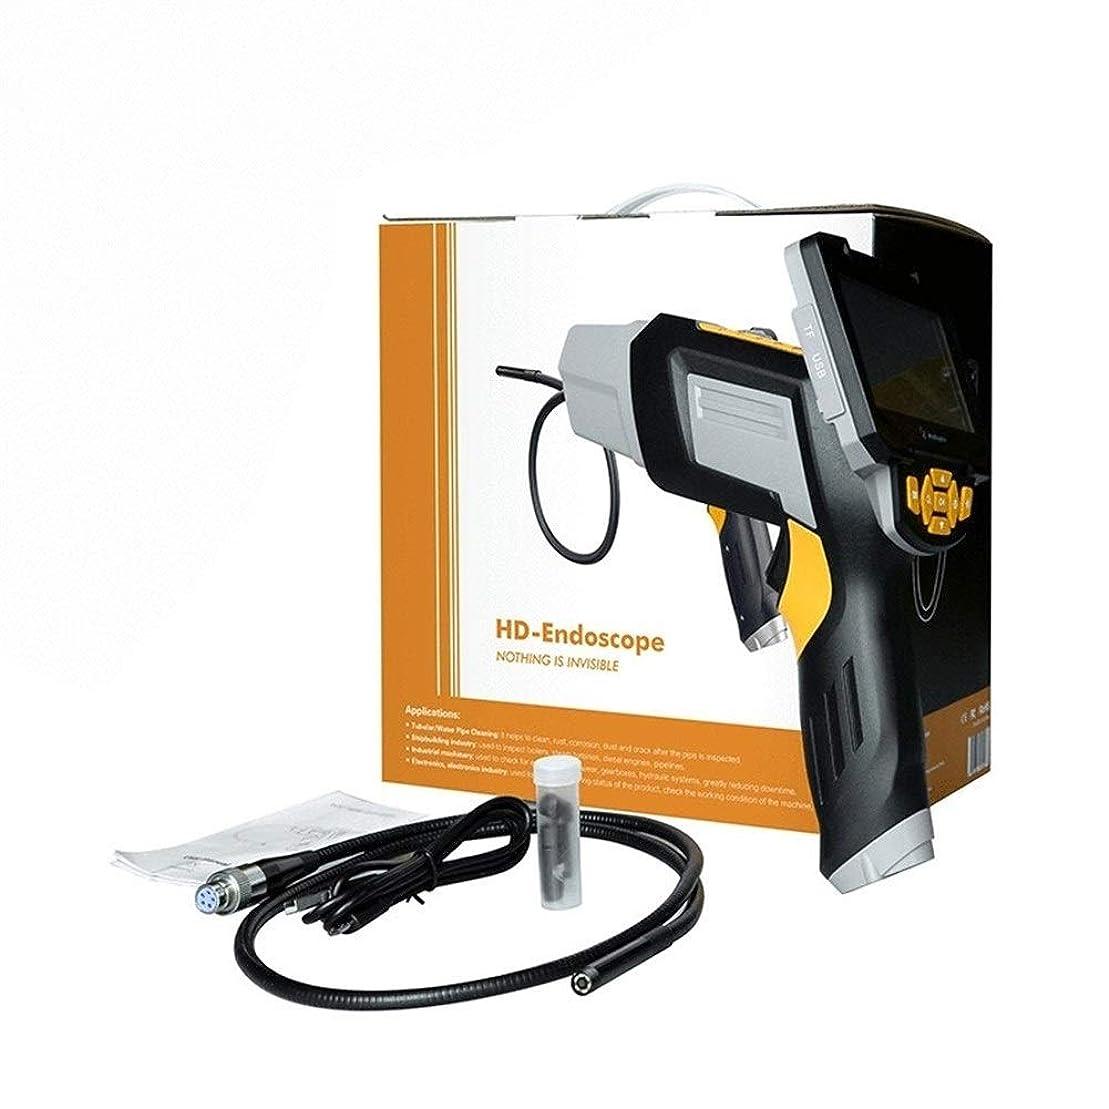 動機終わりスペシャリスト6 LEDライトが付いている工業用内視鏡1080のHDデジタルボアスコープカメラ防水4.3インチ液晶画面蛇カメラビデオ検査カメラ 家庭掃除 排水口 車 設備の点検